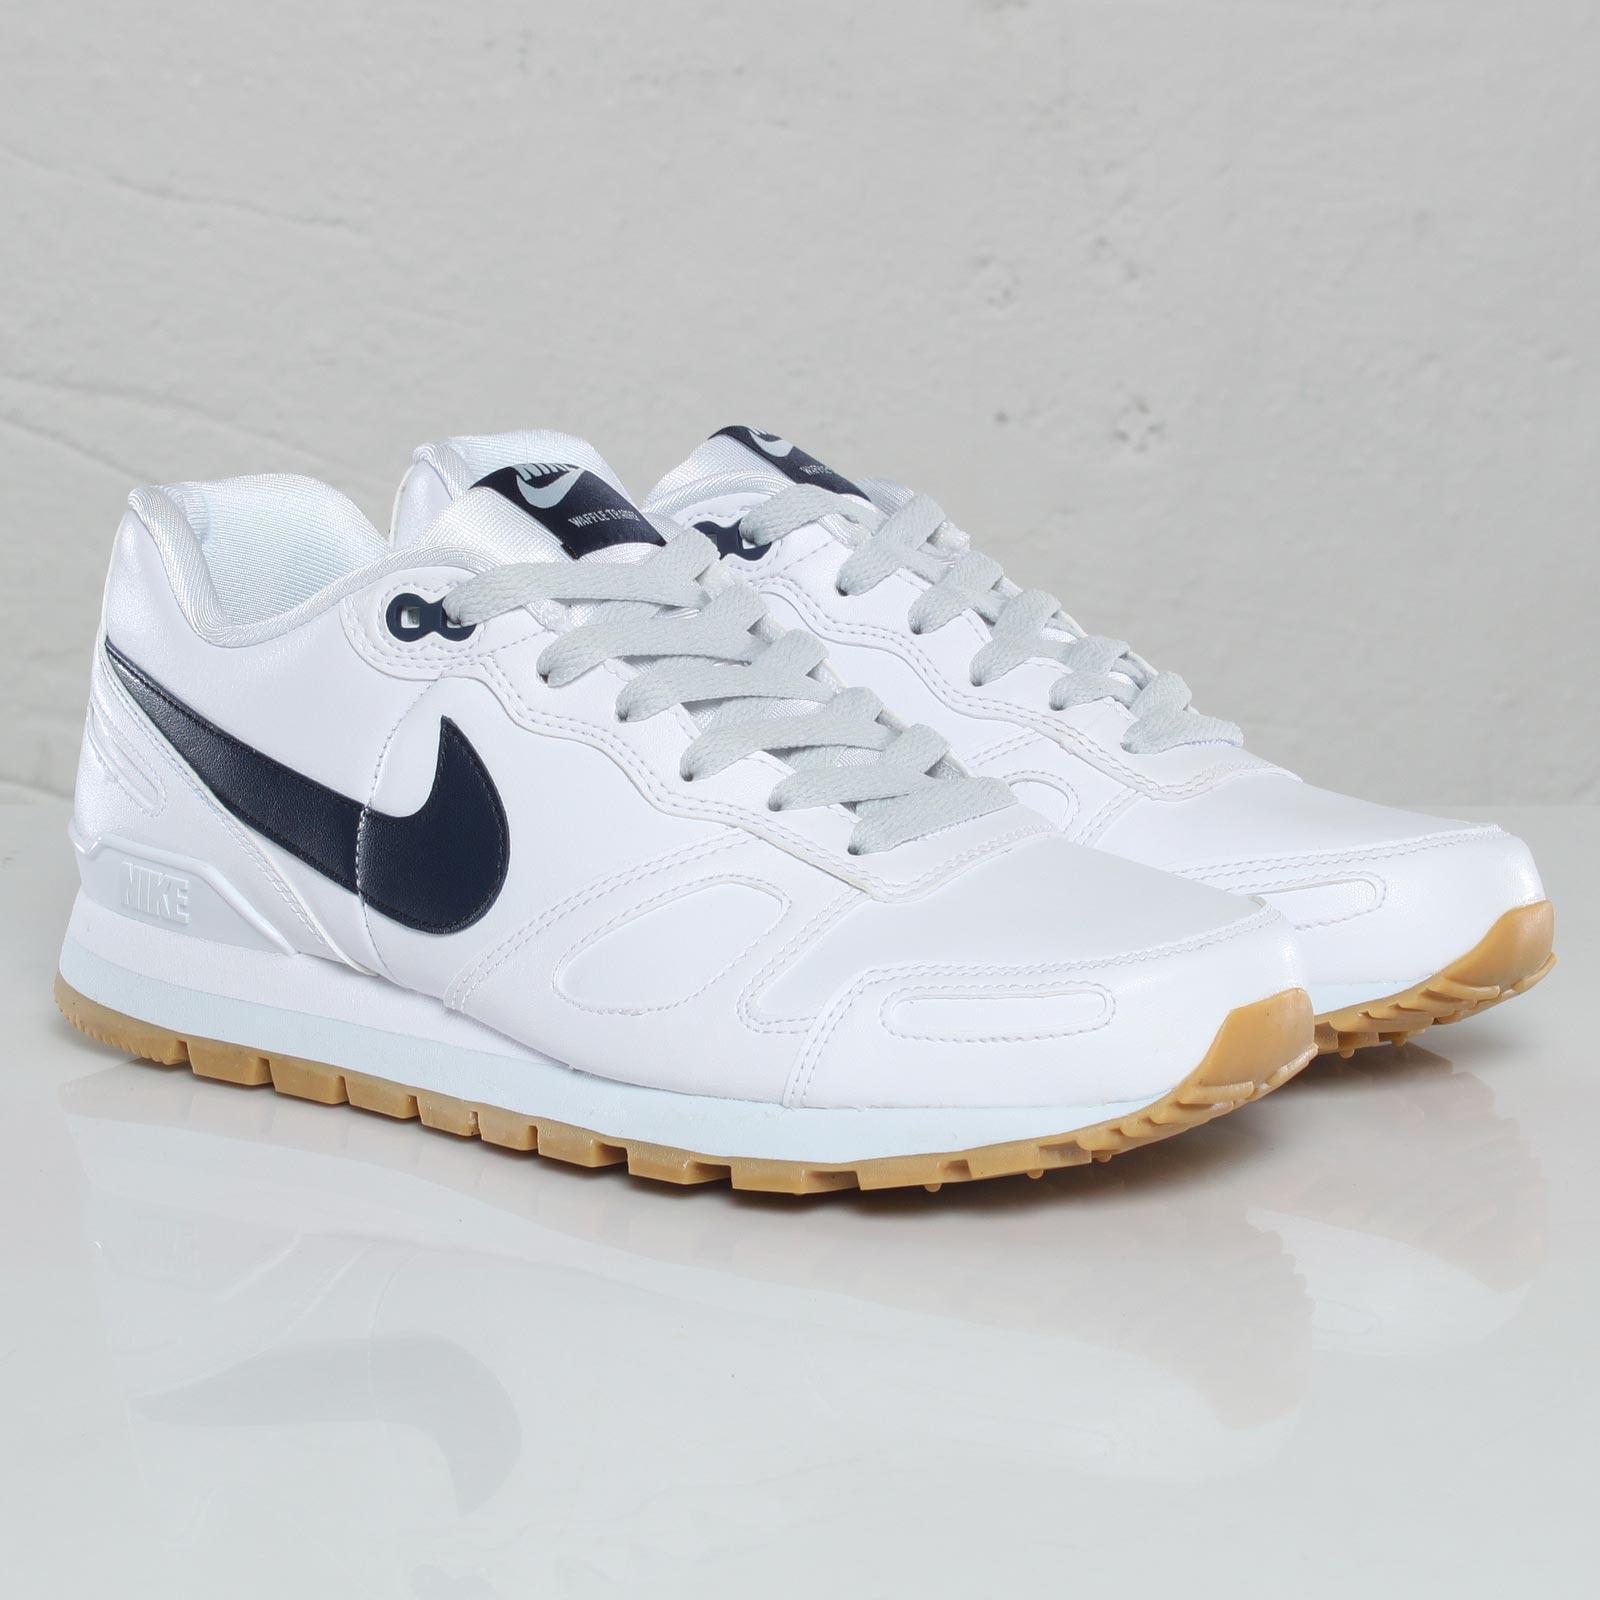 vegetariano retirarse Sinceridad  Nike Air Waffle Trainer Leather - 108936 - Sneakersnstuff   sneakers &  streetwear online since 1999